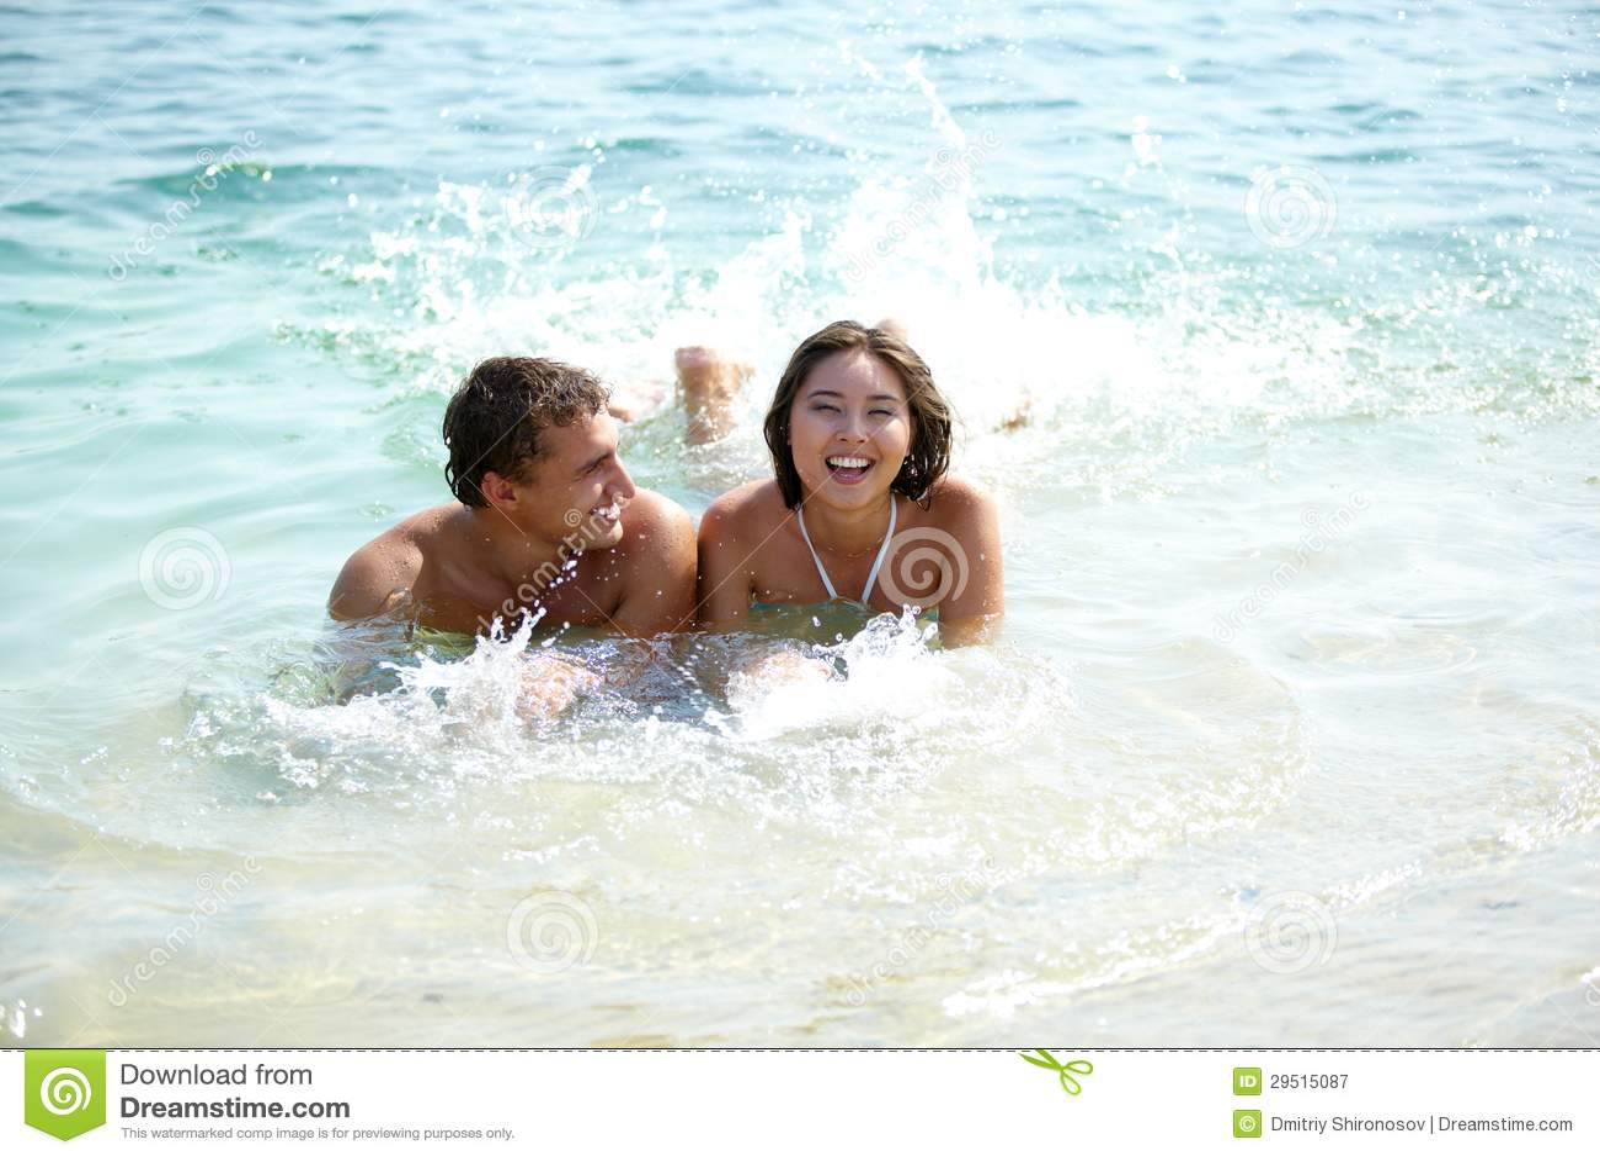 Vreugde in water